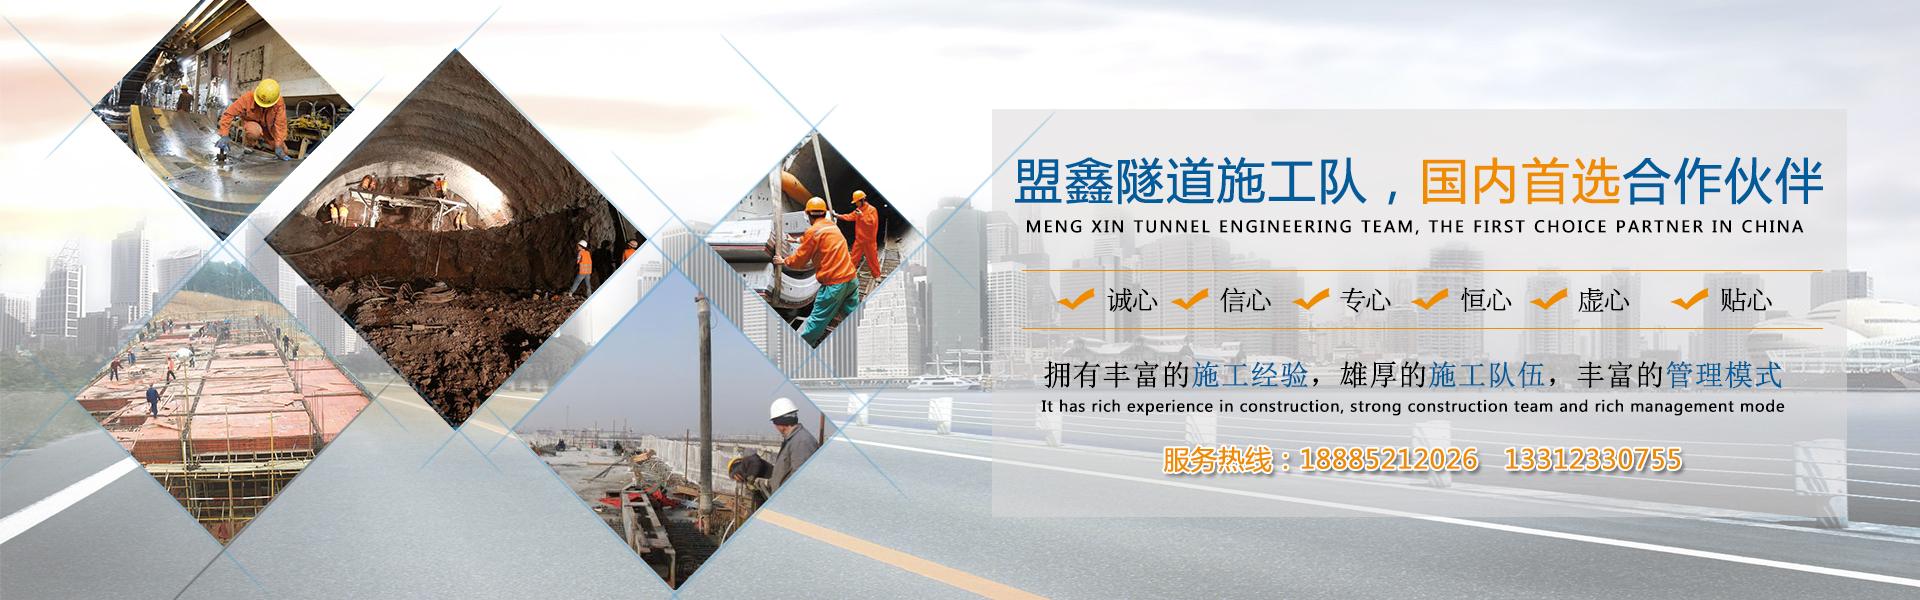 贵州建筑劳务经营范围:人工孔装、混泥土、模板工、钢筋工、砌砖体、内外抹灰、已经贴  地板、大理台、室外装修一体化和道路建设。